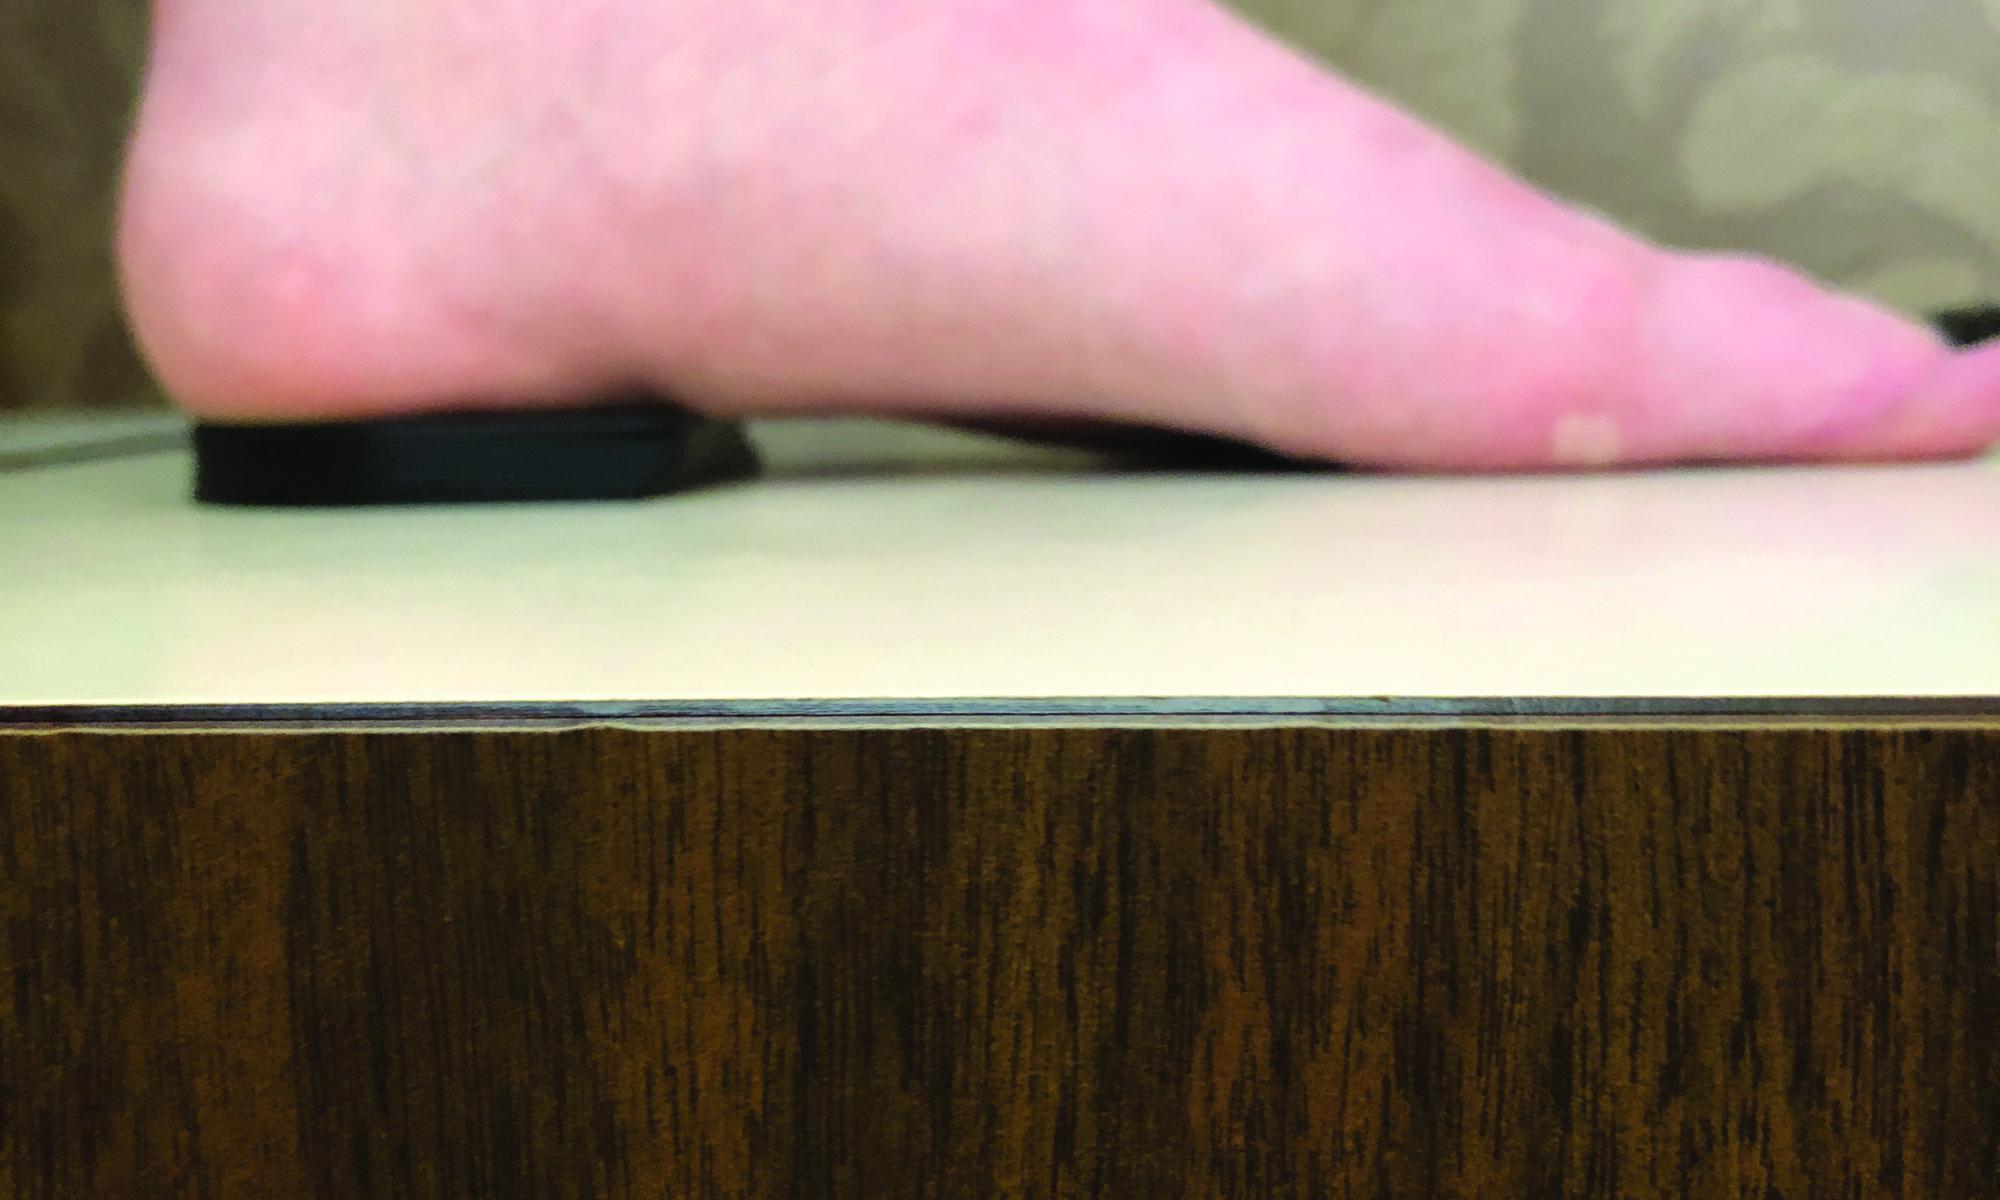 stivali accuratezza delle squame del grasso corporeon